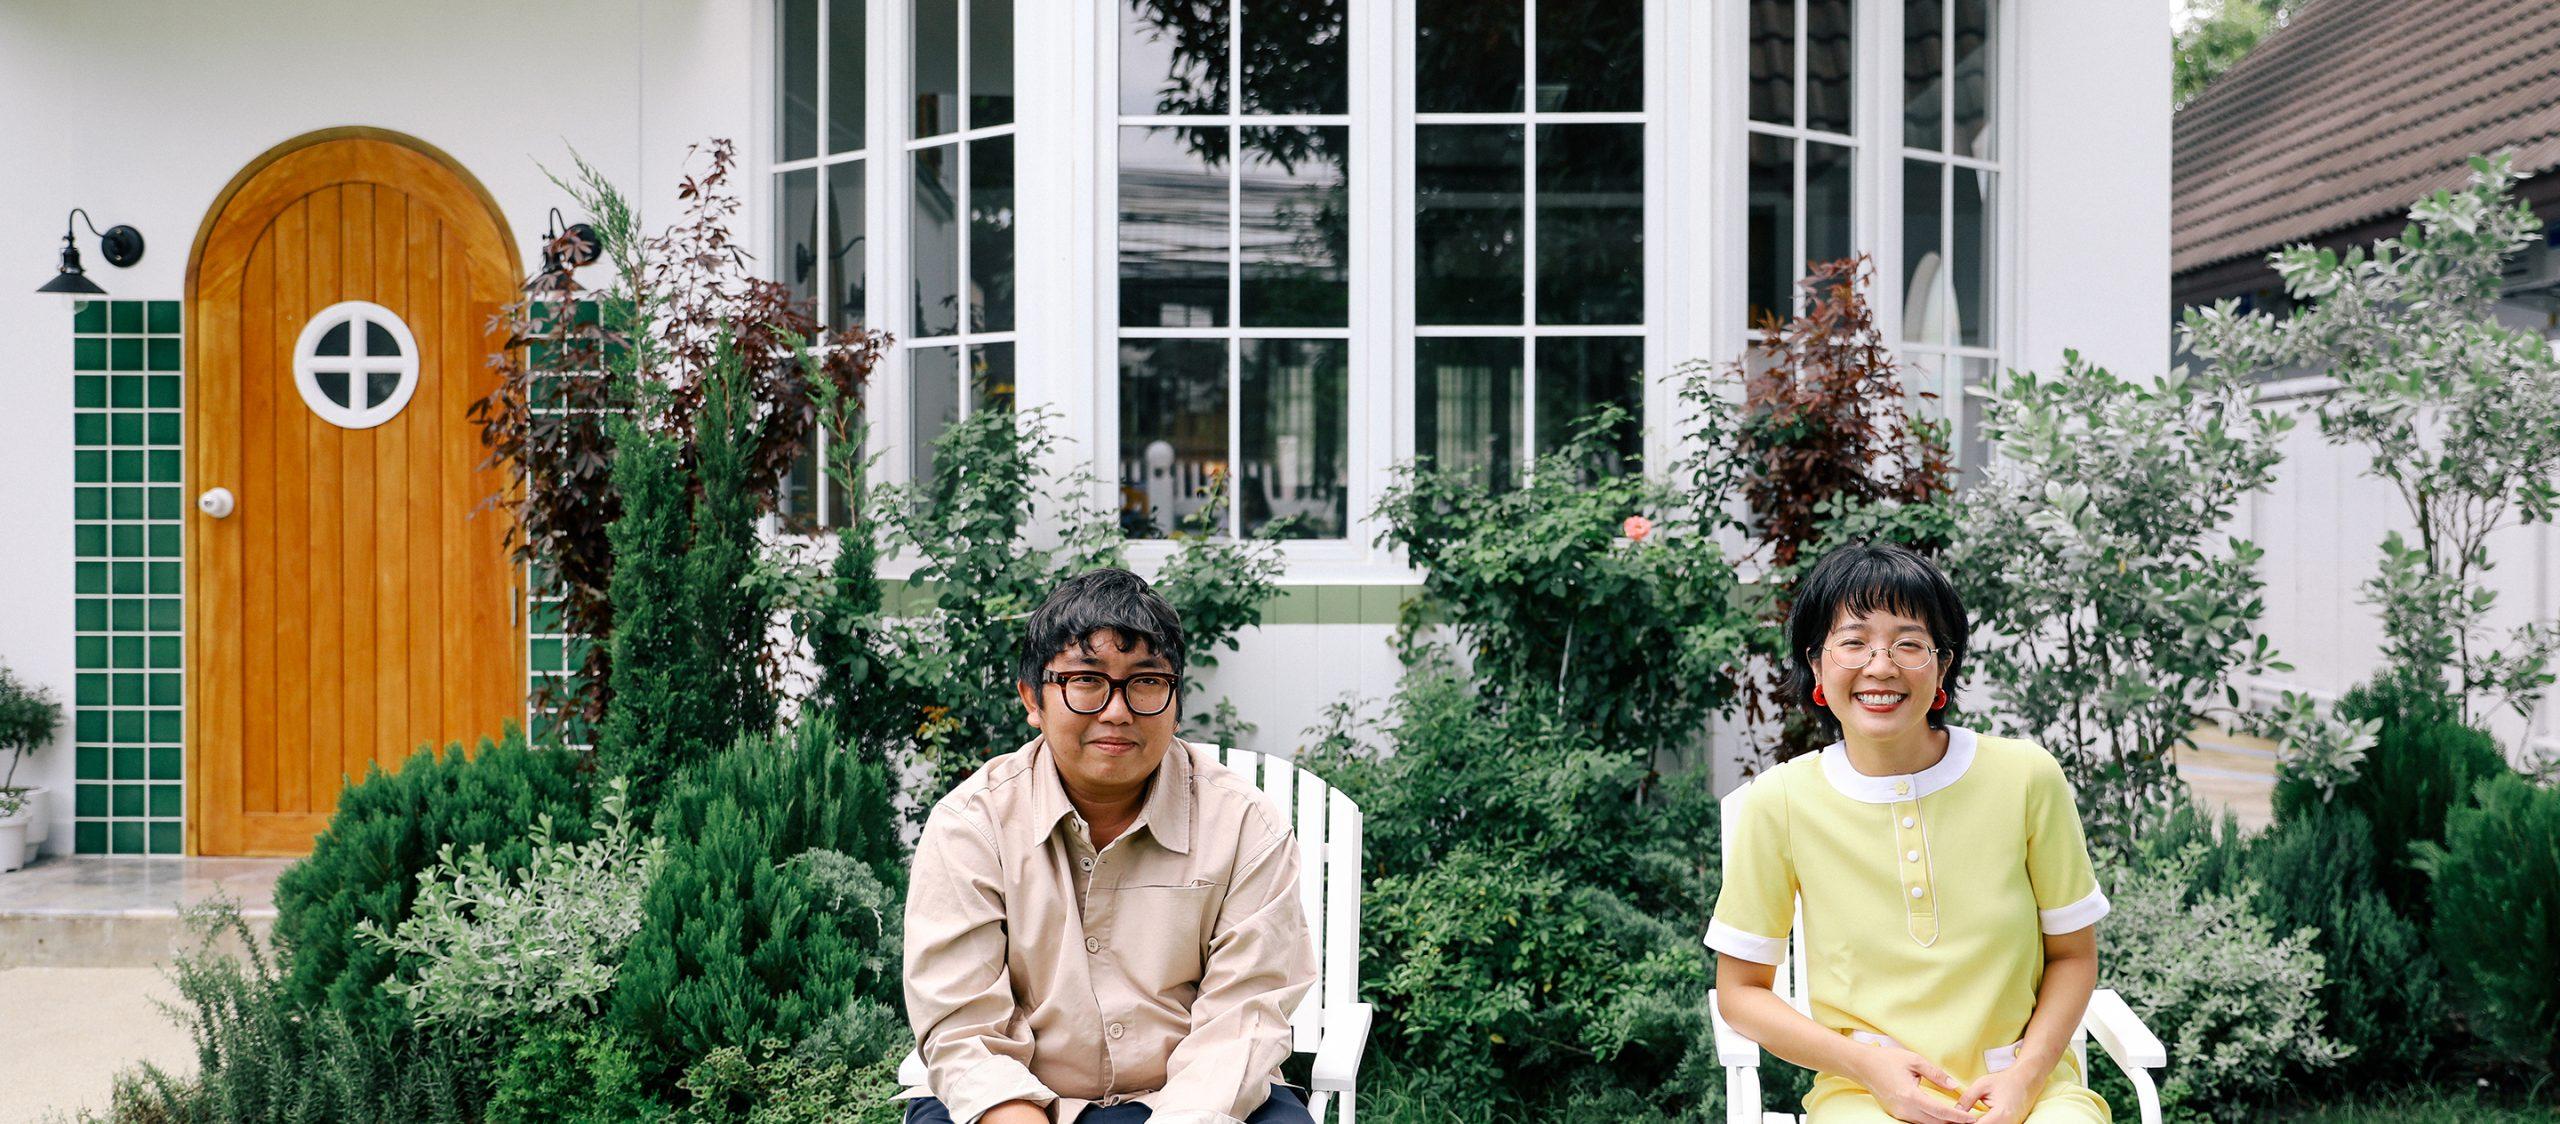 Sailom Sangdad Homey Studio สตูดิโอมีชีวิตของ 'มานีมีใจ' ที่เหมือนหลุดเข้าไปในหนังเวส แอนเดอร์สัน